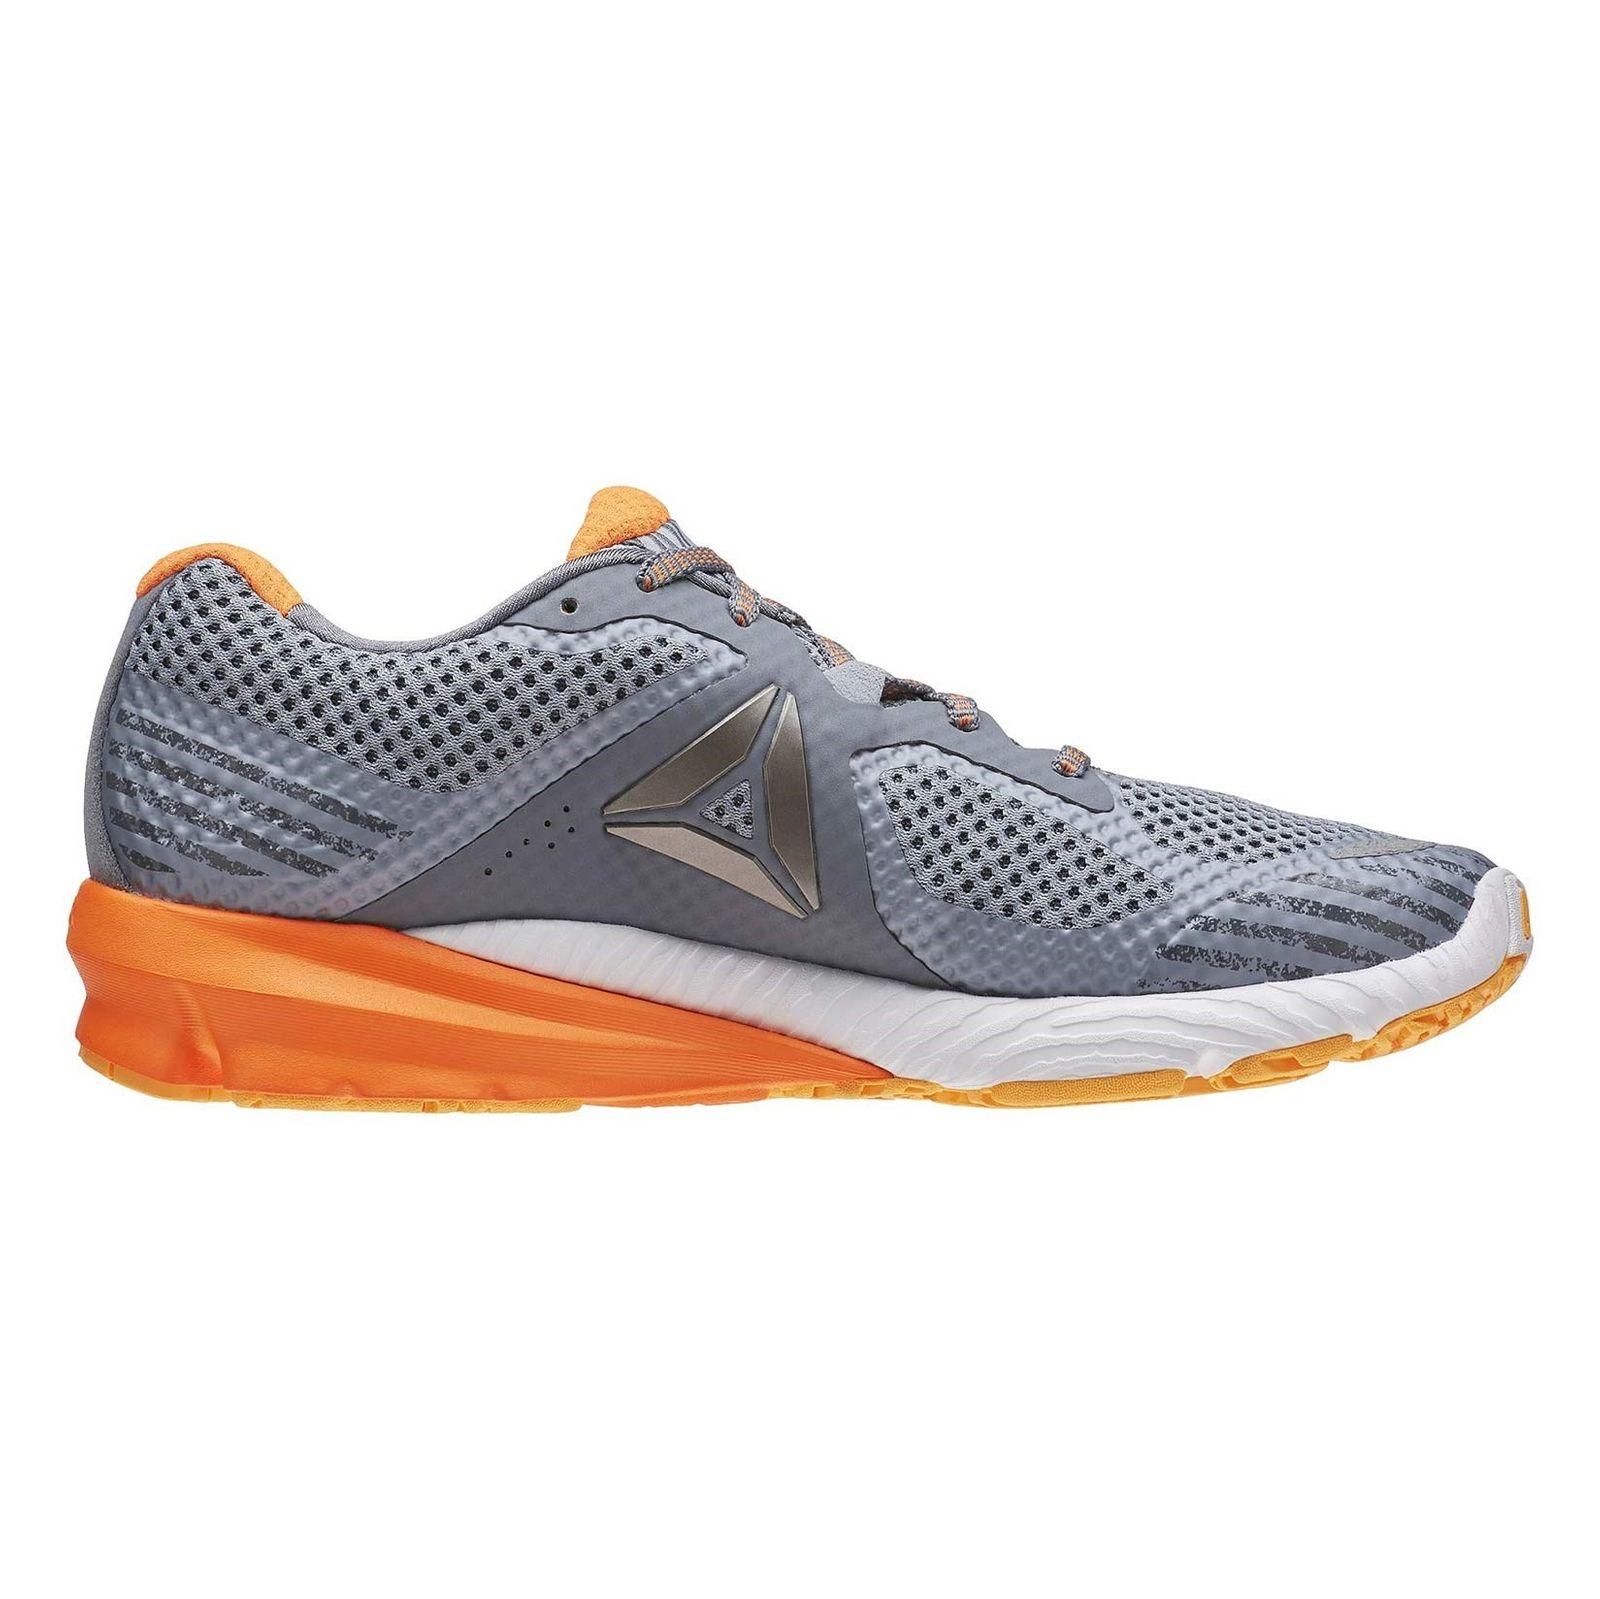 کفش دویدن بندی مردانه Harmony Road - ریباک - طوسي - 1